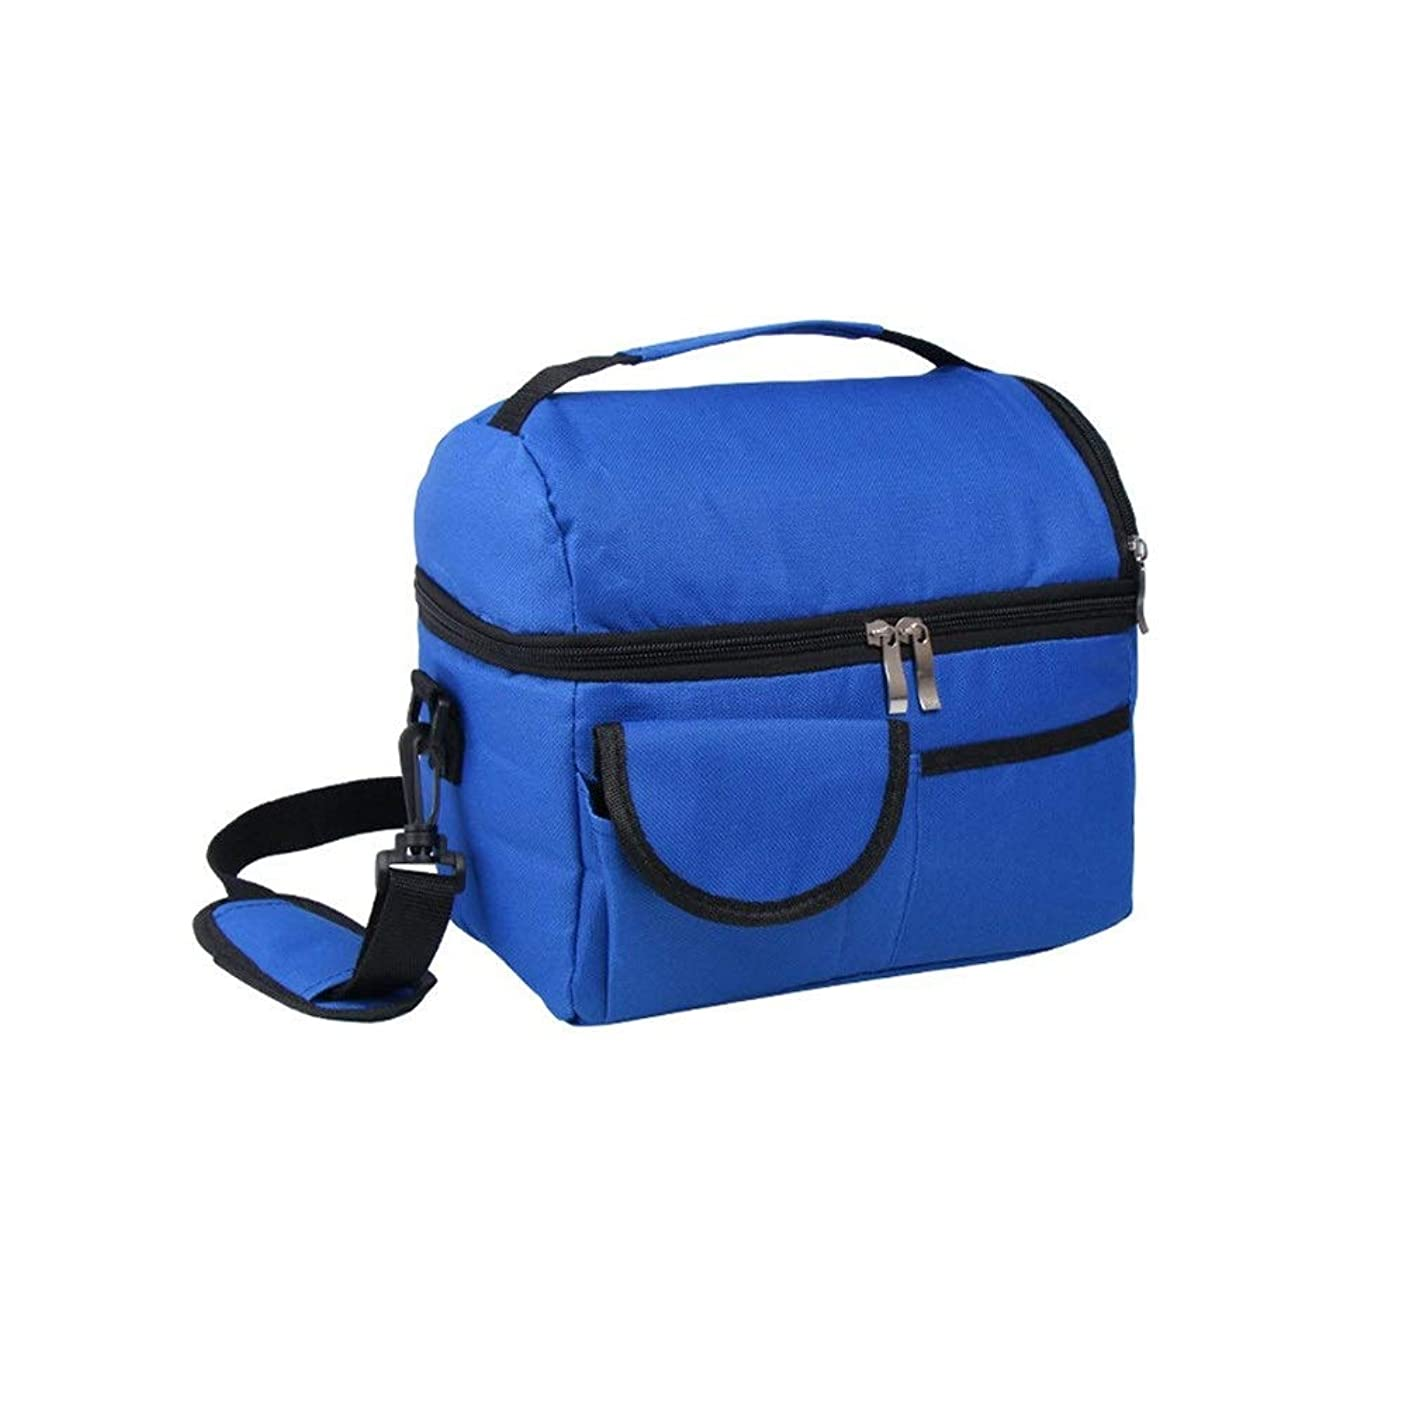 世界合理的武装解除LVESHOP Lalagoランチバッグ、調節可能なショルダーストラップ付きのトートバッグ大容量のフレッシュキーピングバッグ - 春のお出かけ、アイスドリンク、フルーツ、野菜のフレッシュキーピングに最適(ロイヤルブルー) (色 : 青)